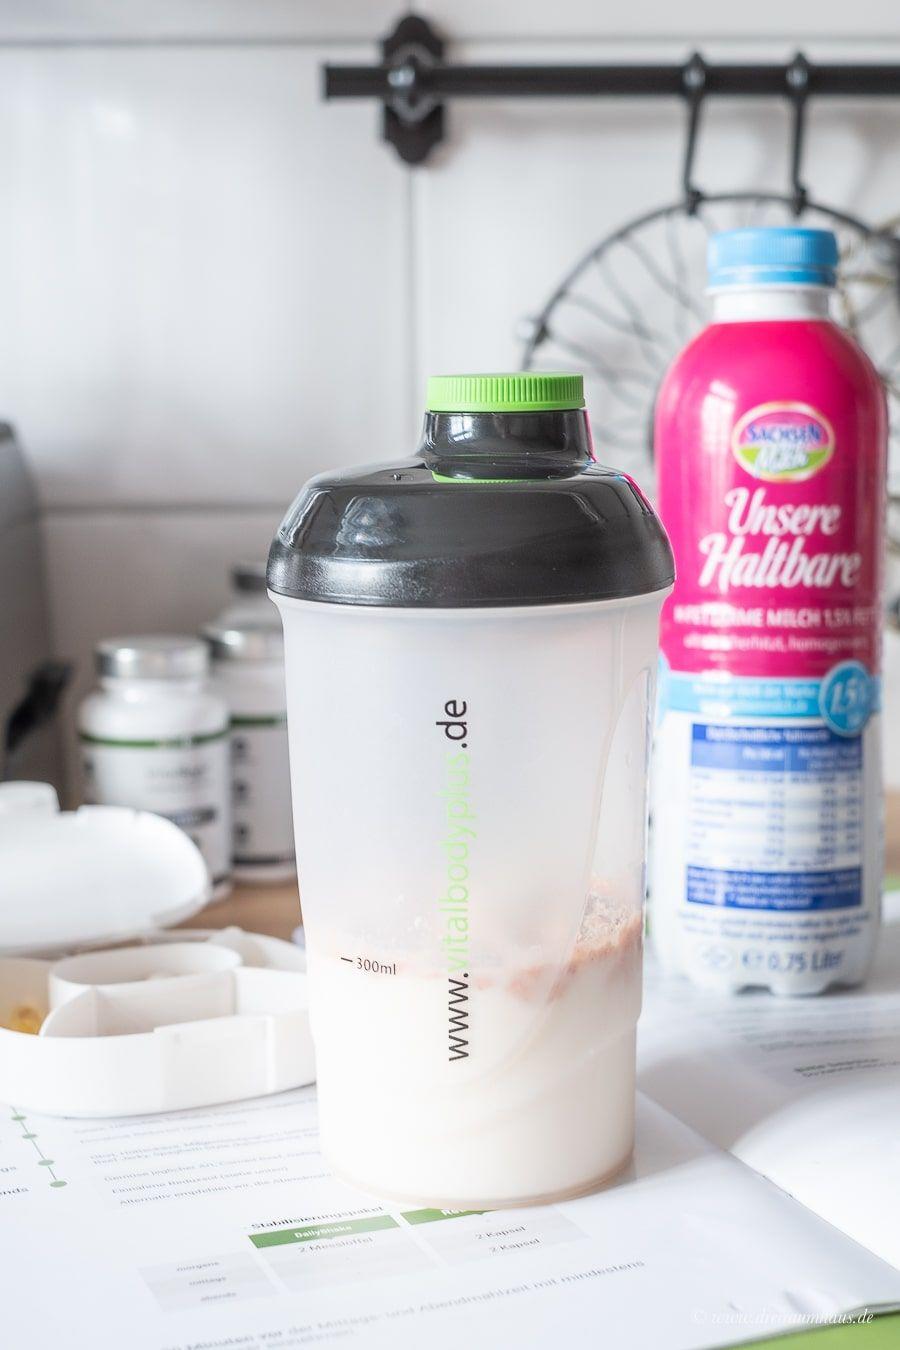 Stoffwechselkur Erfahrung: 5 Kilo weniger in 10 Tagen - ein umfassender Rückblick auf die Diätphase!